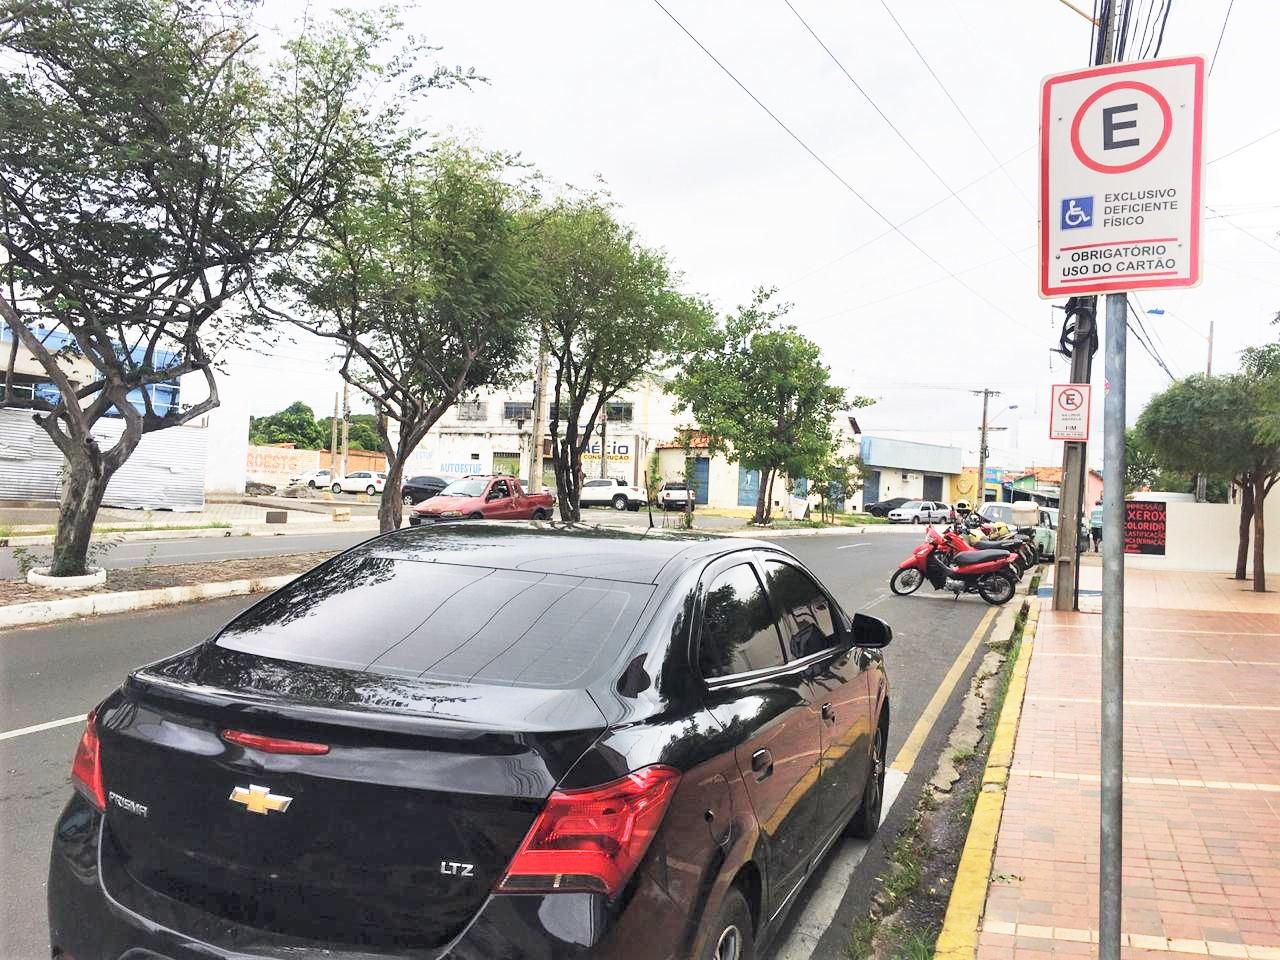 Renovação dos cartões de estacionamento segue suspensa pela Strans